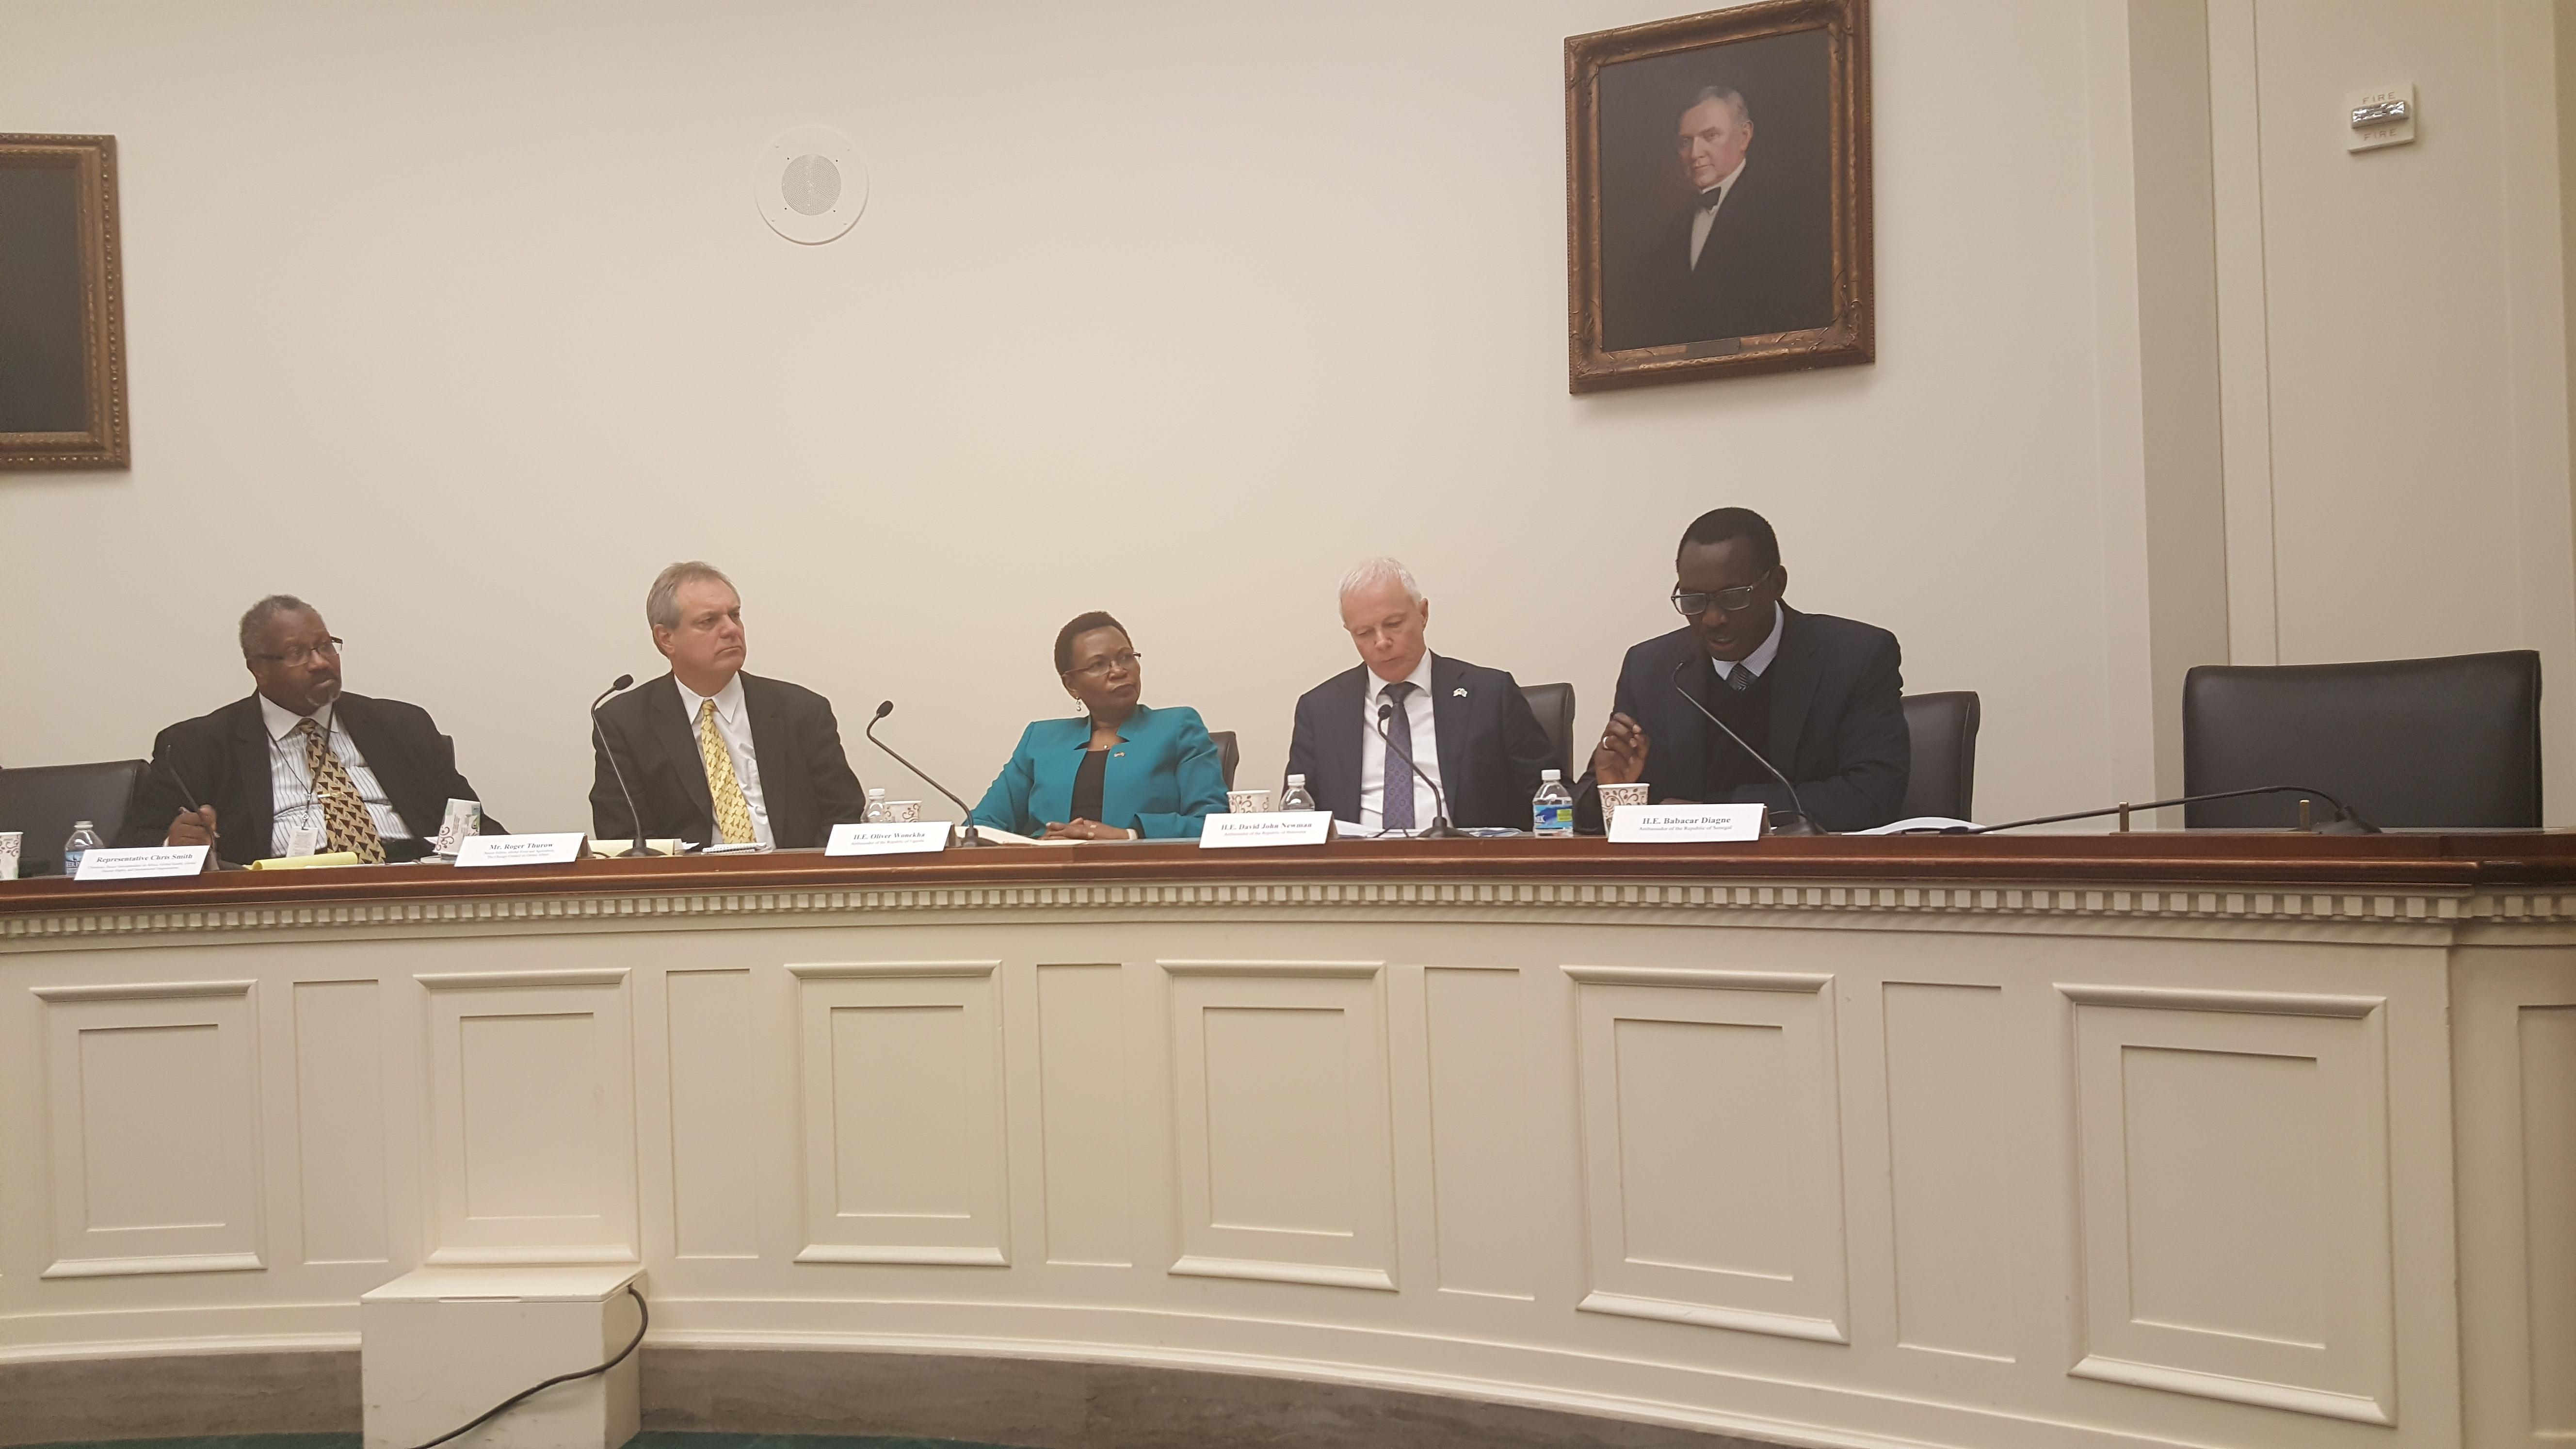 Babacar Diagne, Ambassadeur  du Sénégal à Washington expose aux Congrès américain les besoins et les résultats du Sénégal en matière de lutte contre la malnutrition